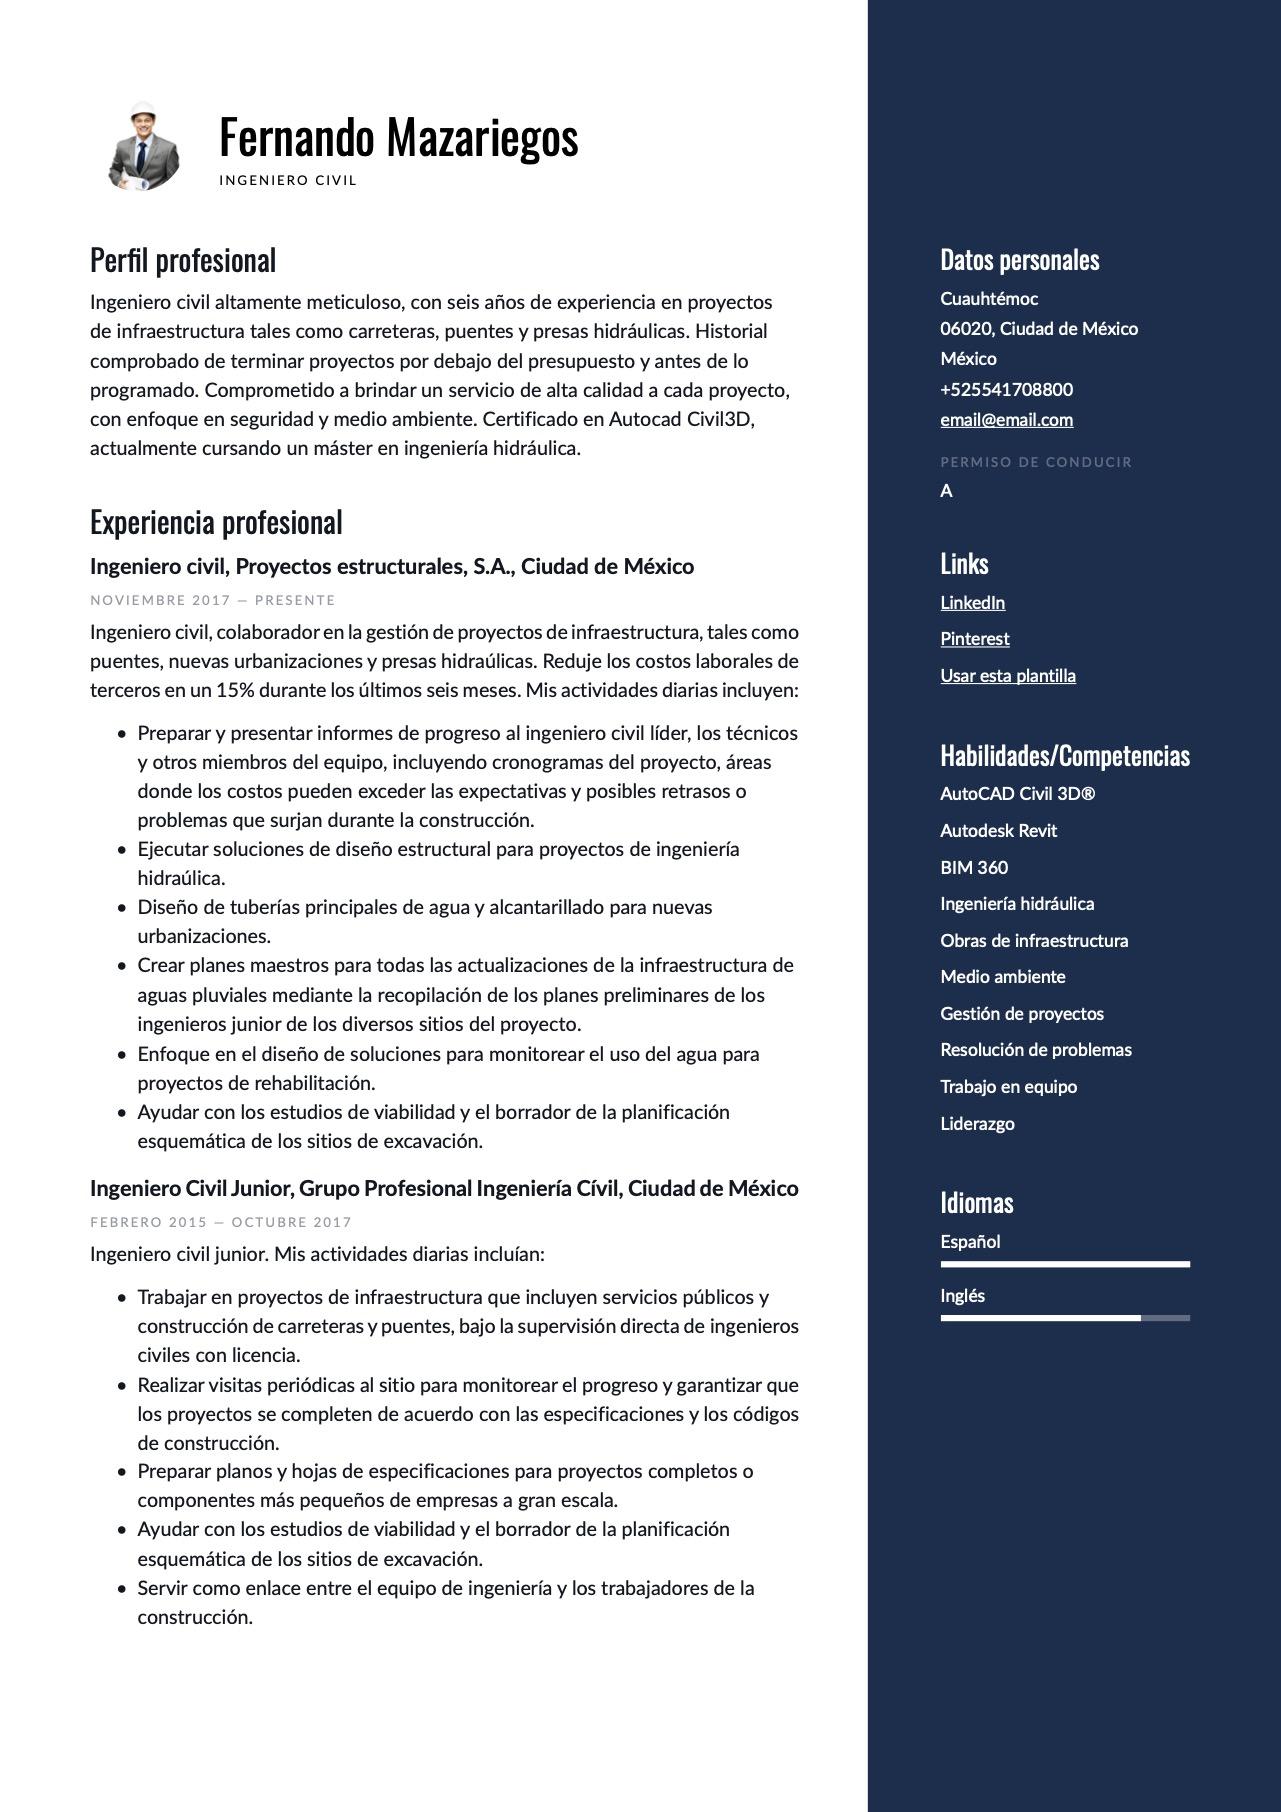 Modelo de CV para Ingeniero civil